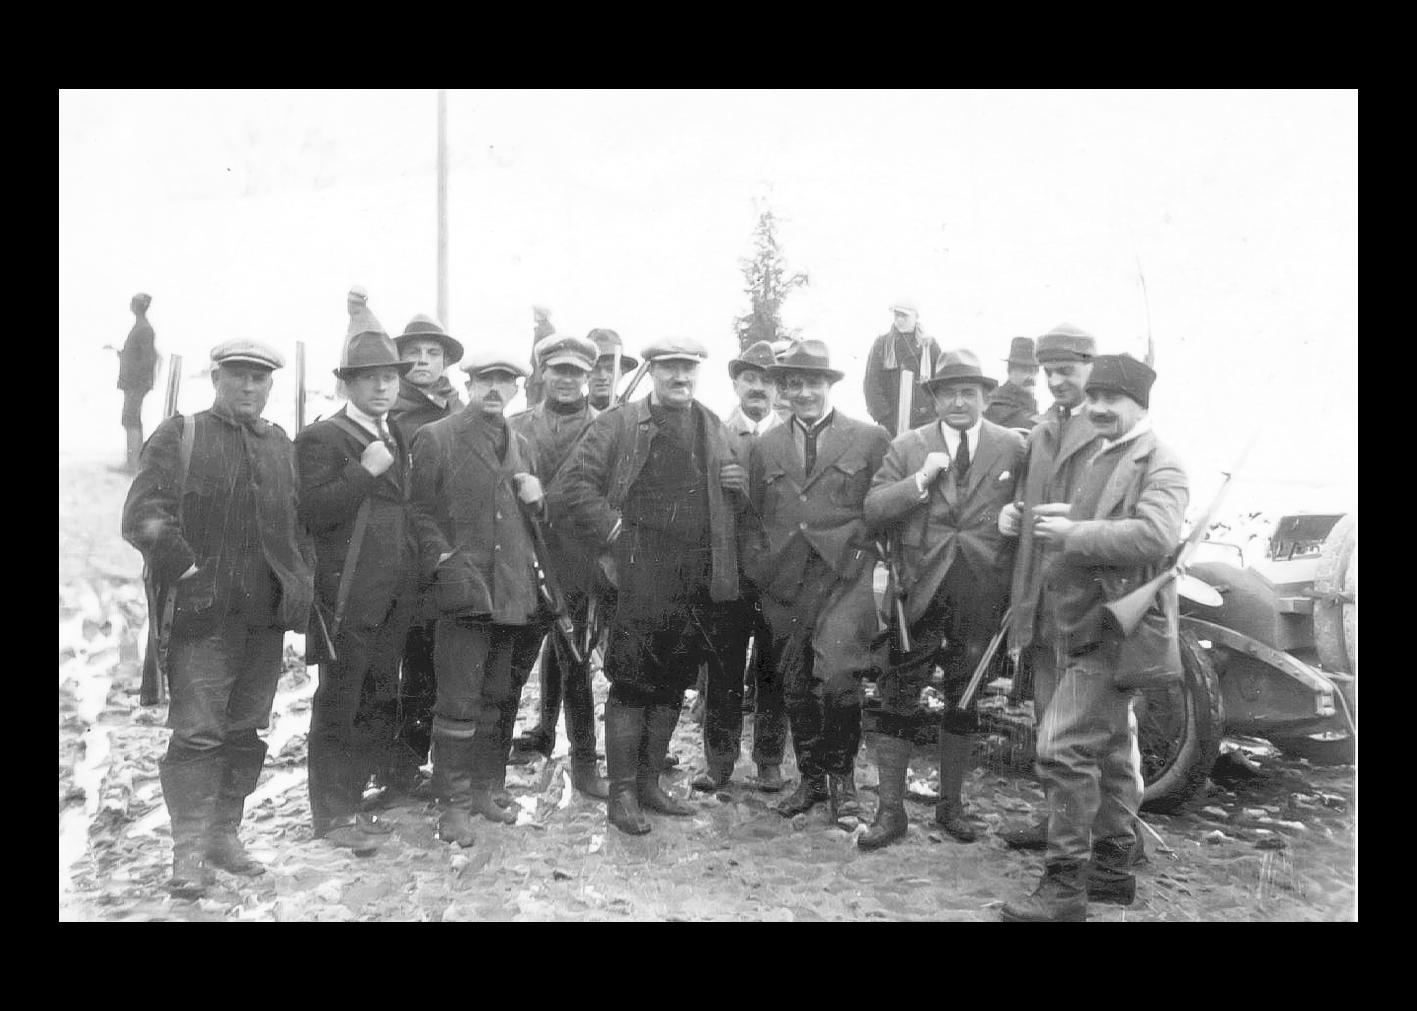 Battuta di caccia alla volpe nel 1925